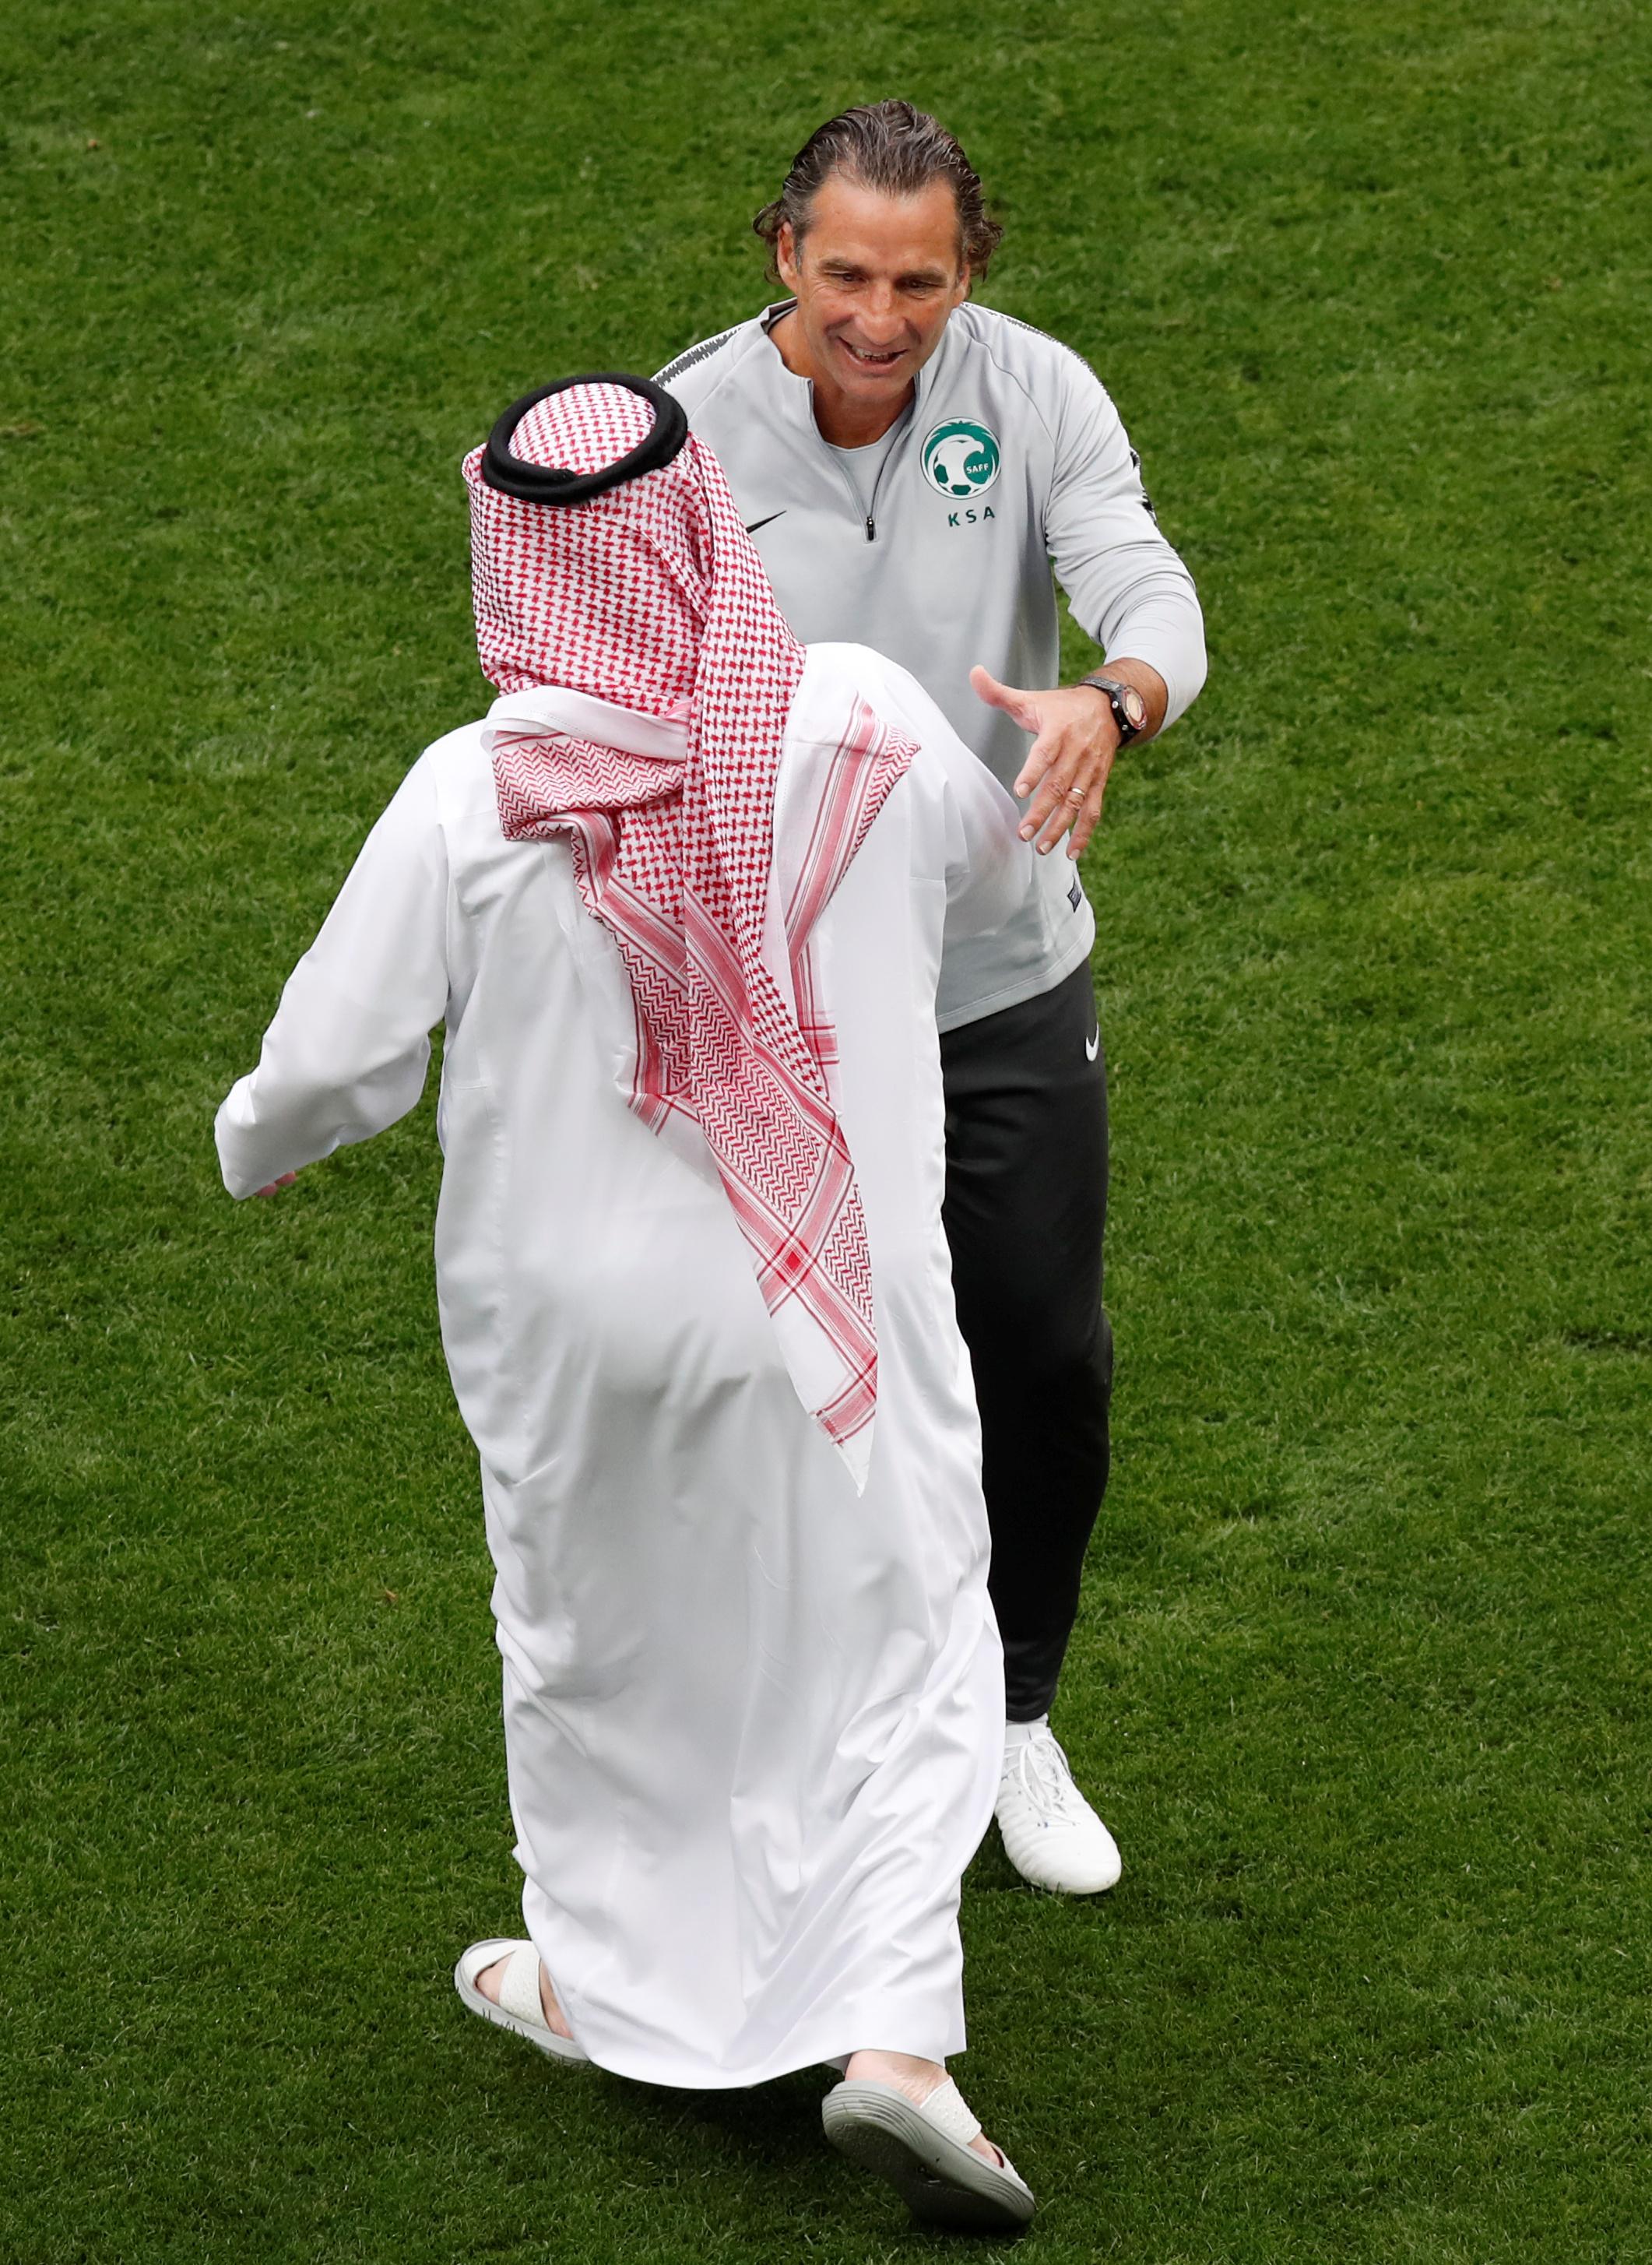 تركي 'ال الشيخ يصافح بيتزي مدرب السعودية